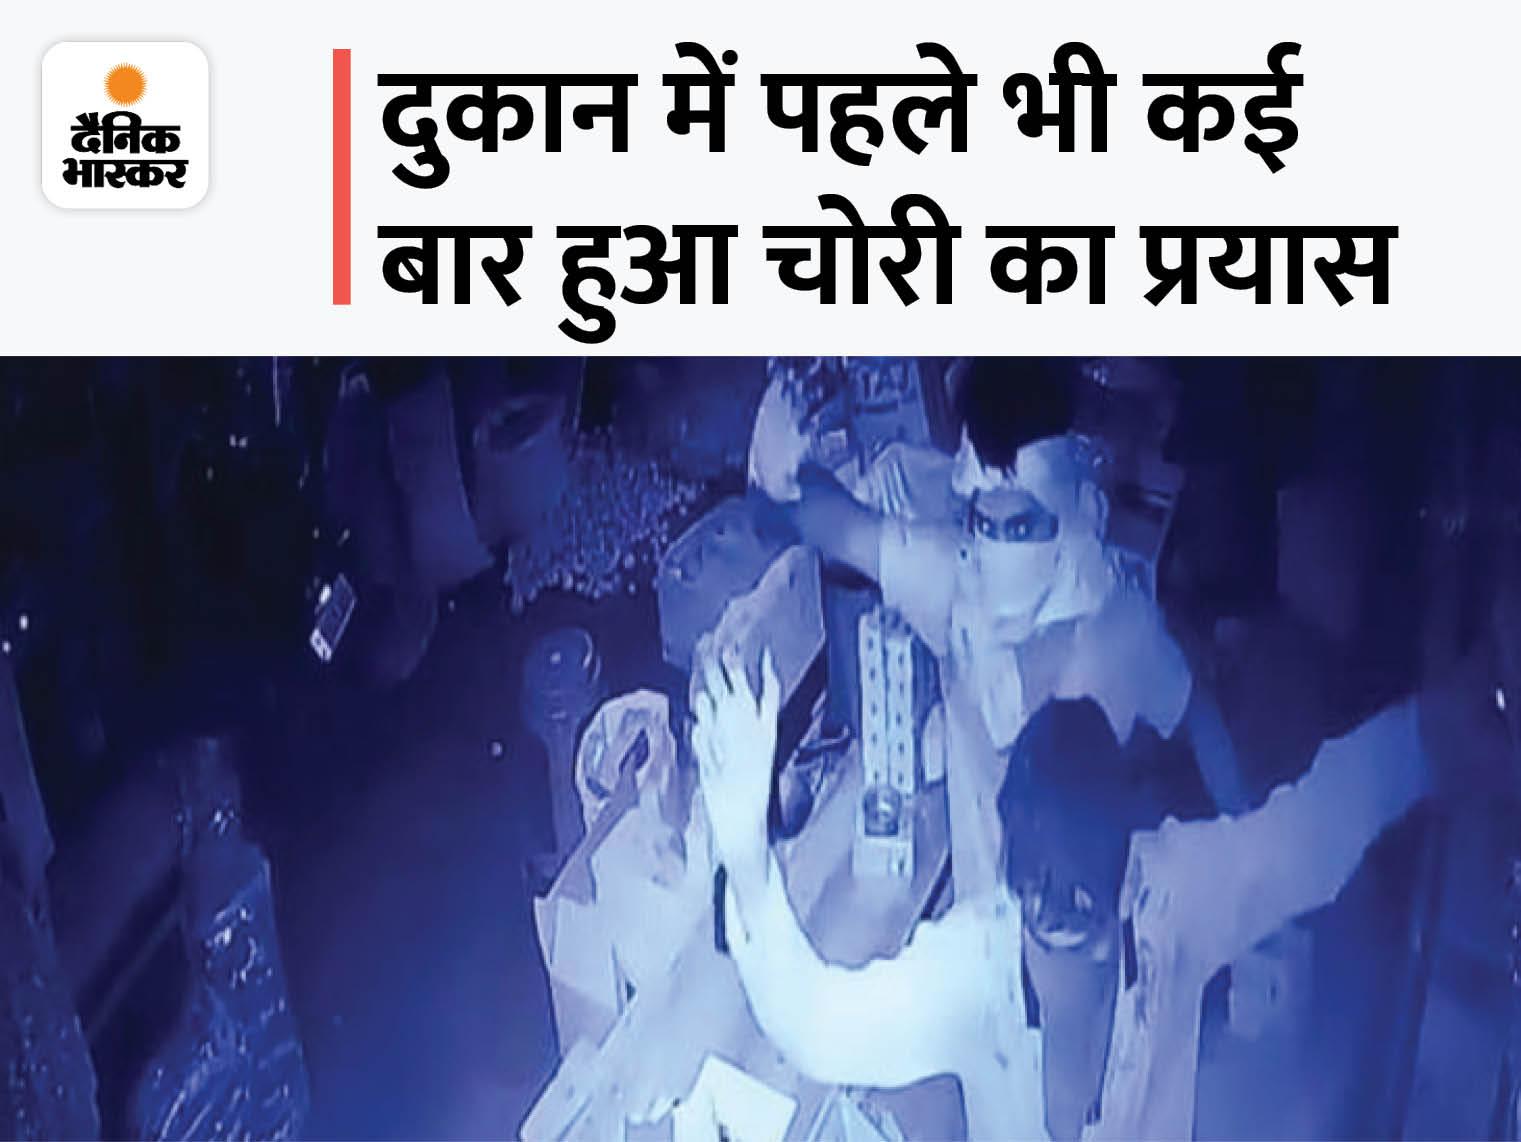 देर रात दुकान में घुसे दो बदमाश, 1 लाख रुपए का सामान और कैश चुराने के बाद CCTV के सामने नाचते रहे|उदयपुर,Udaipur - Dainik Bhaskar